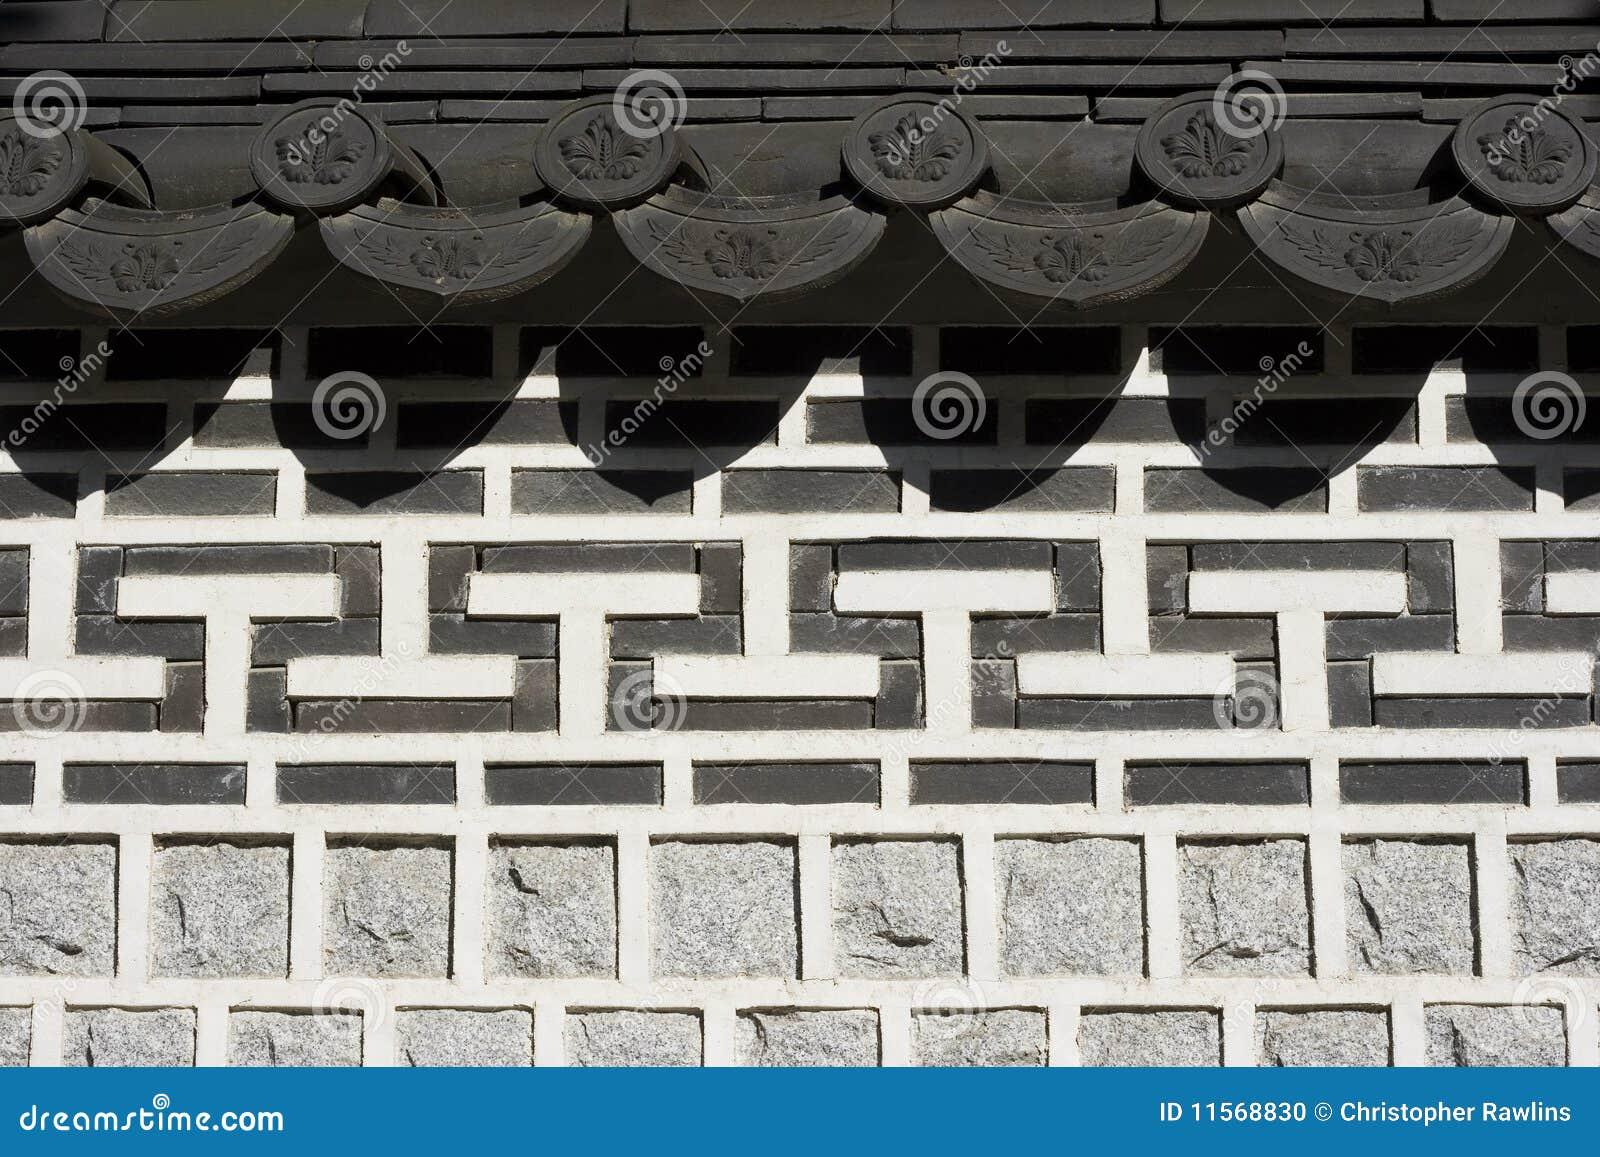 Oriental Stone Work